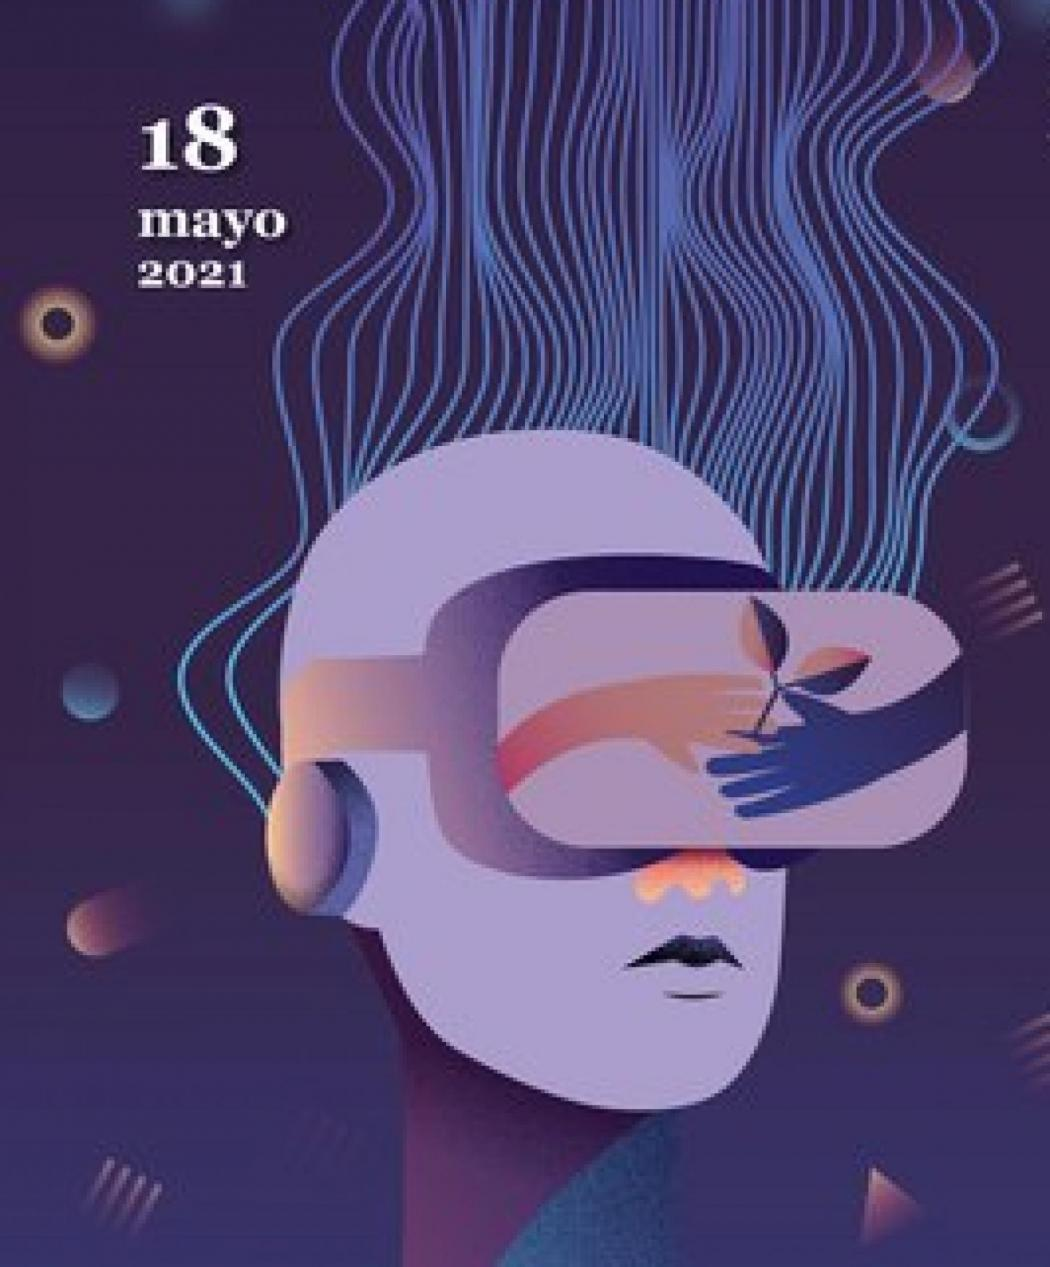 DIA INTERNACIONAL DELS MUSEUS 2021